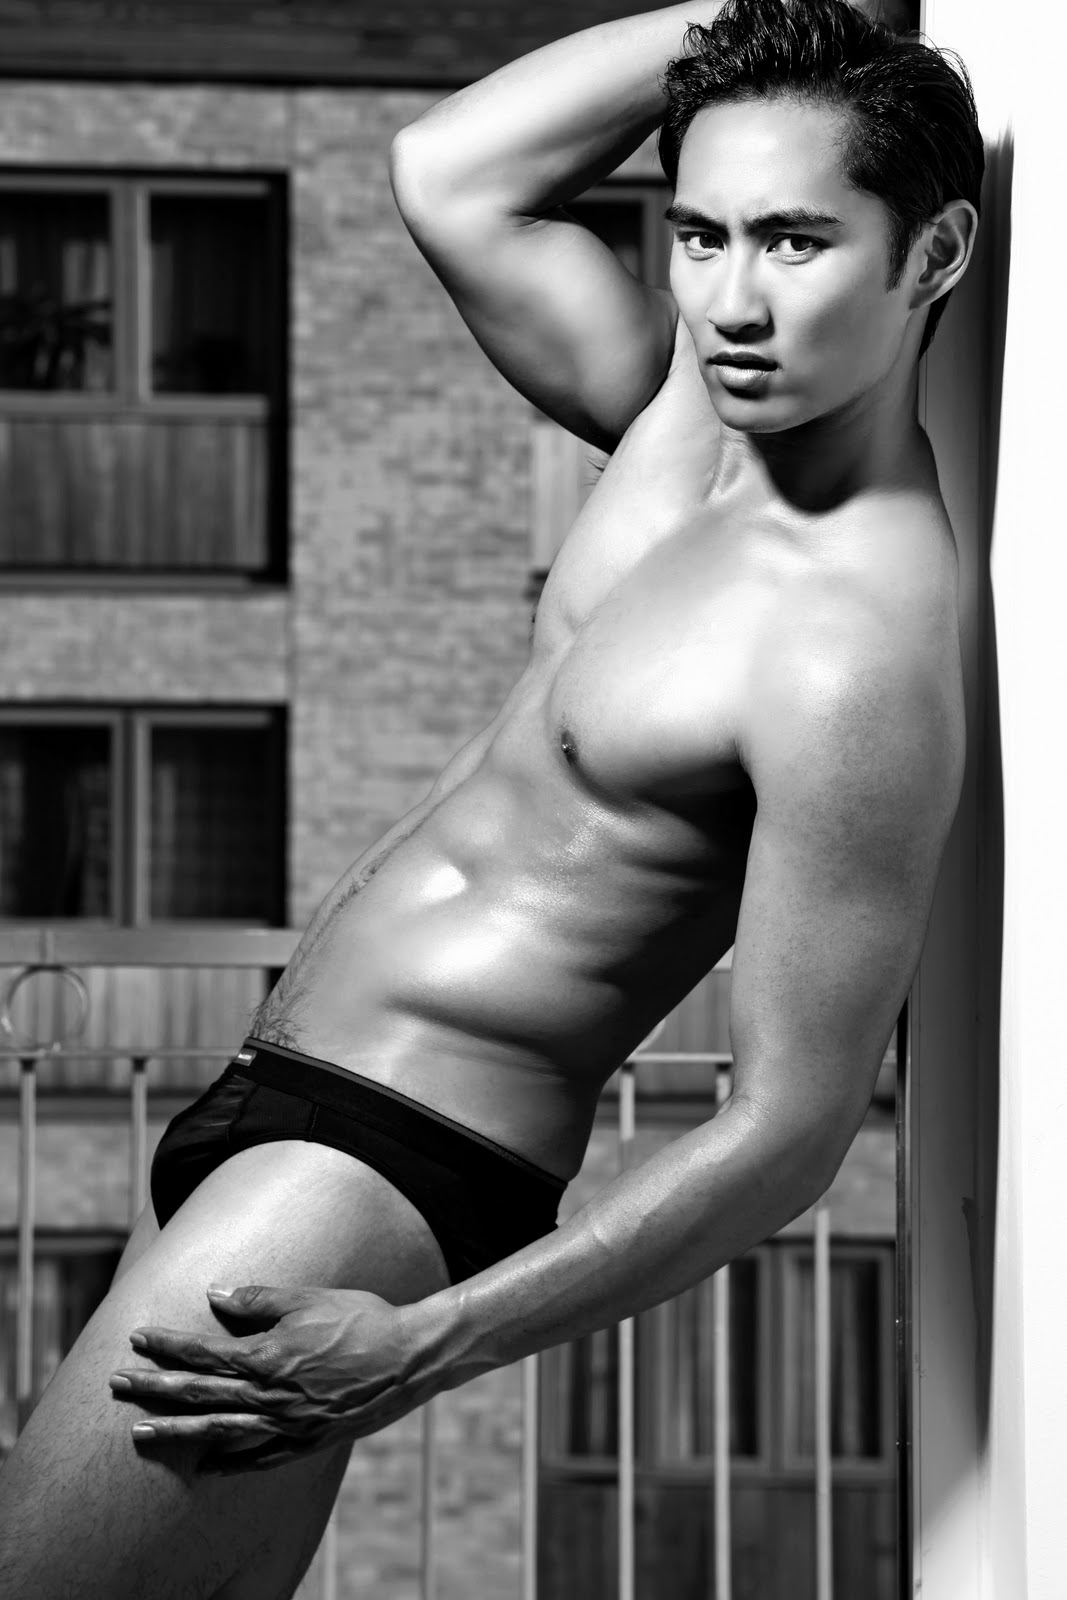 2011 - 2012 | Manhunt - Mister International - Mister Universe Model | Hawaii - USA | Rhonee Rojas Rhonee_05